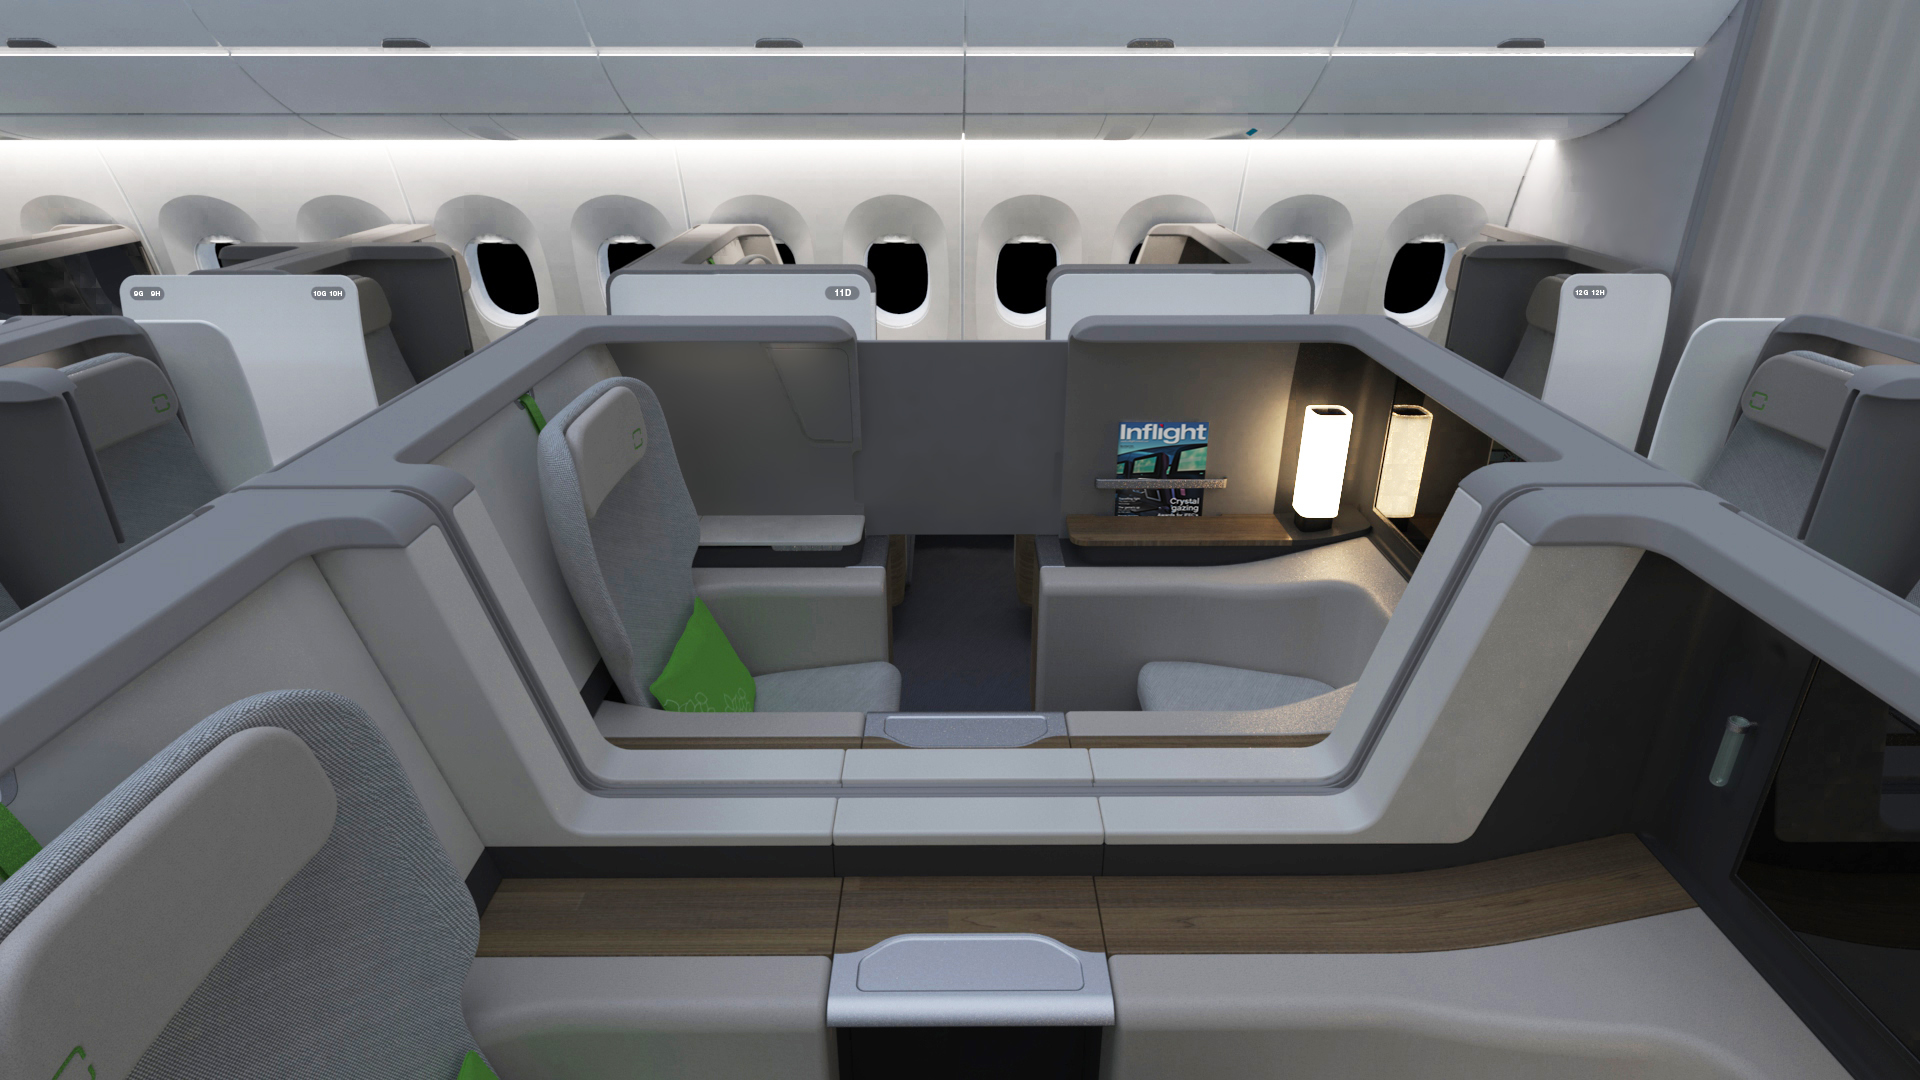 Formation_Design_Group_concept_seat-cabin-landscape1.jpg